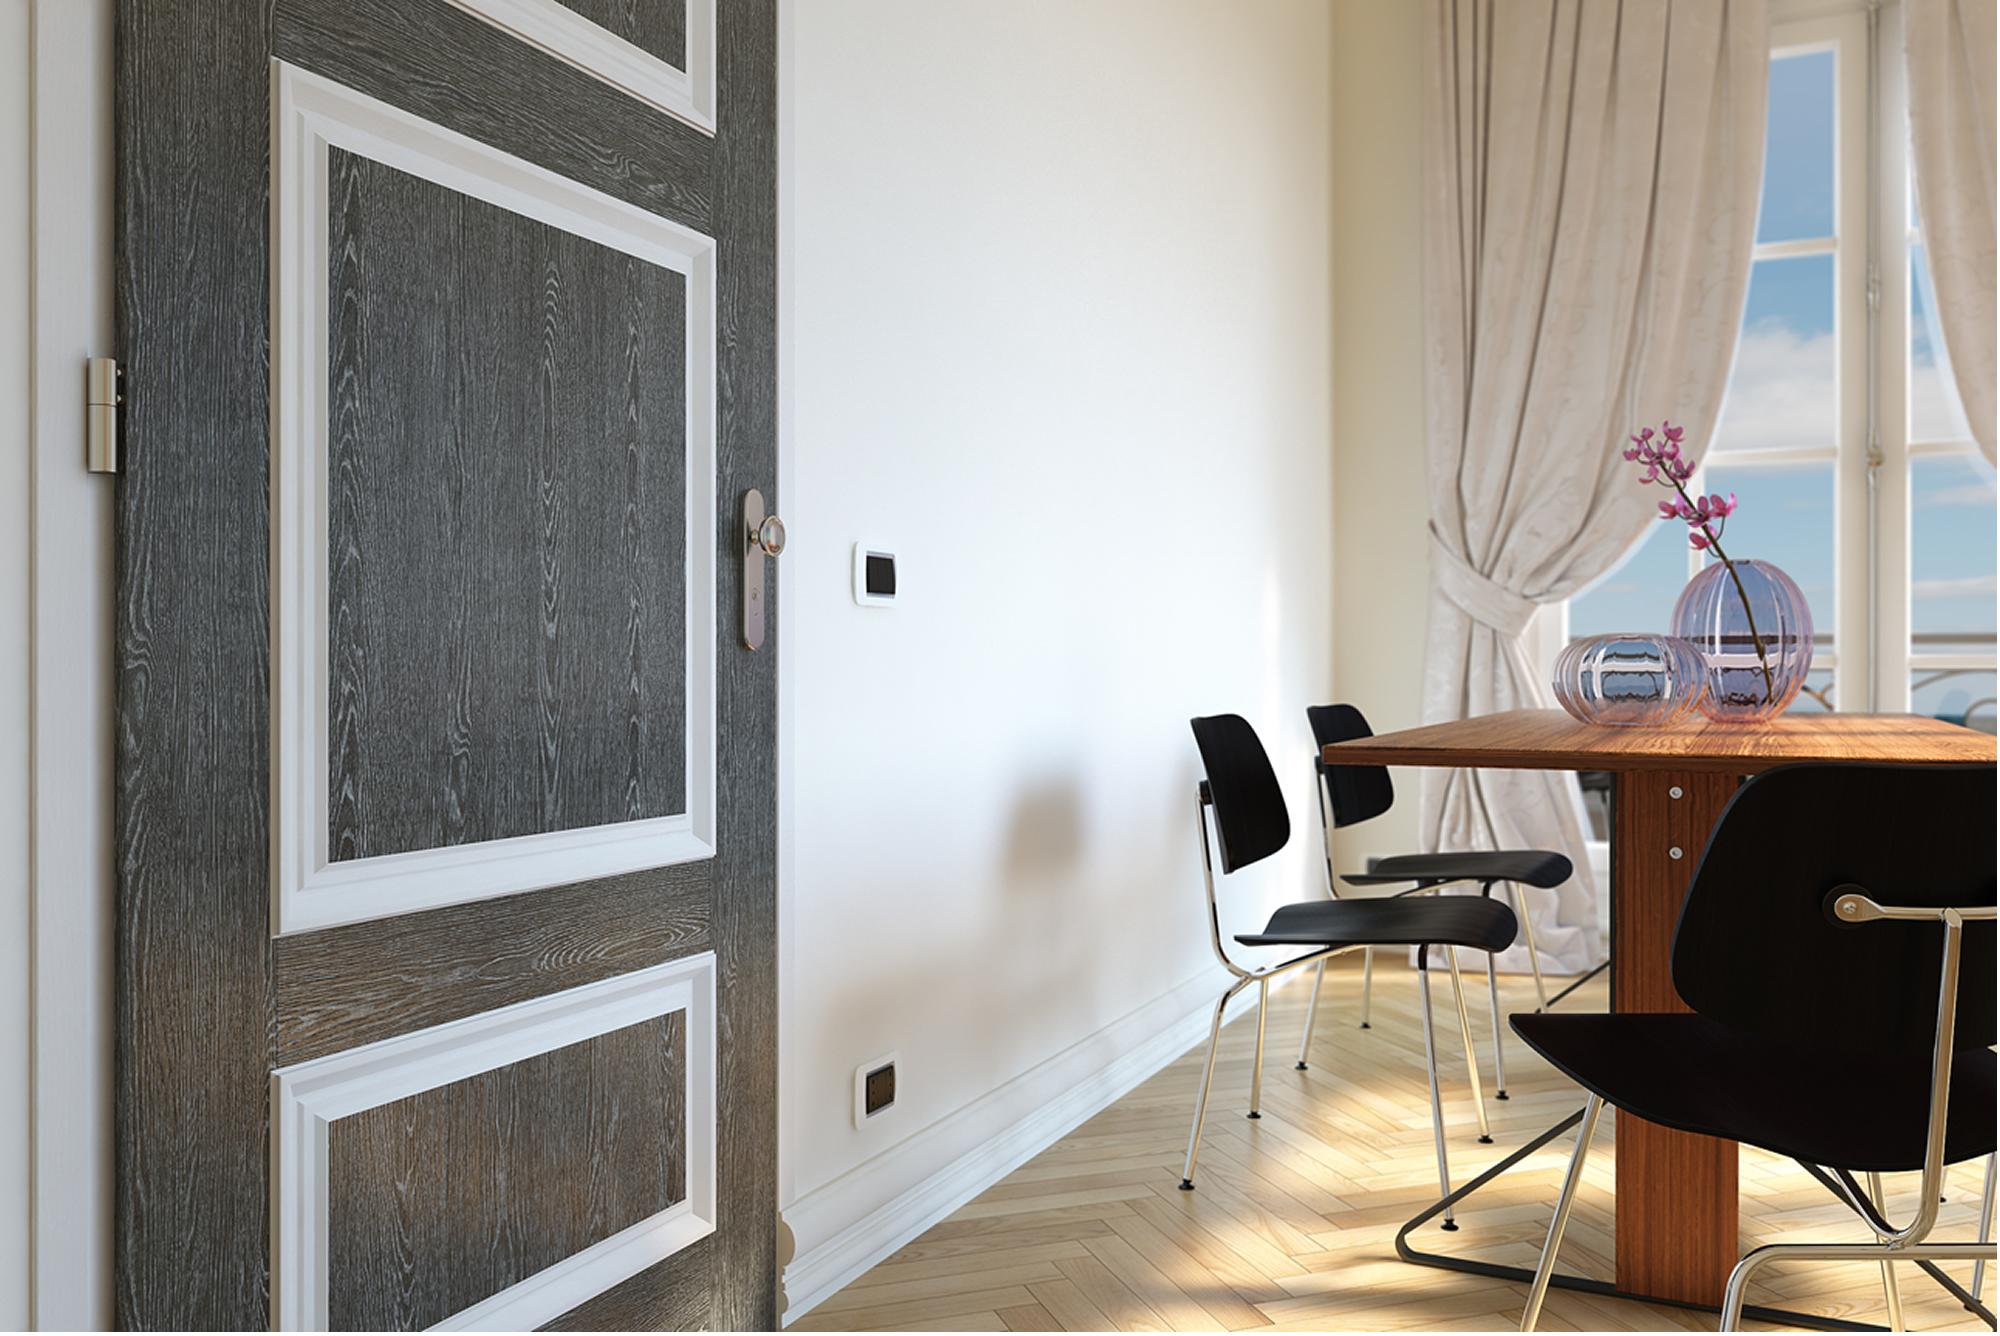 Vendita artesive wd 002 pellicola adesiva rovere grigio for Pellicola adesiva mobili